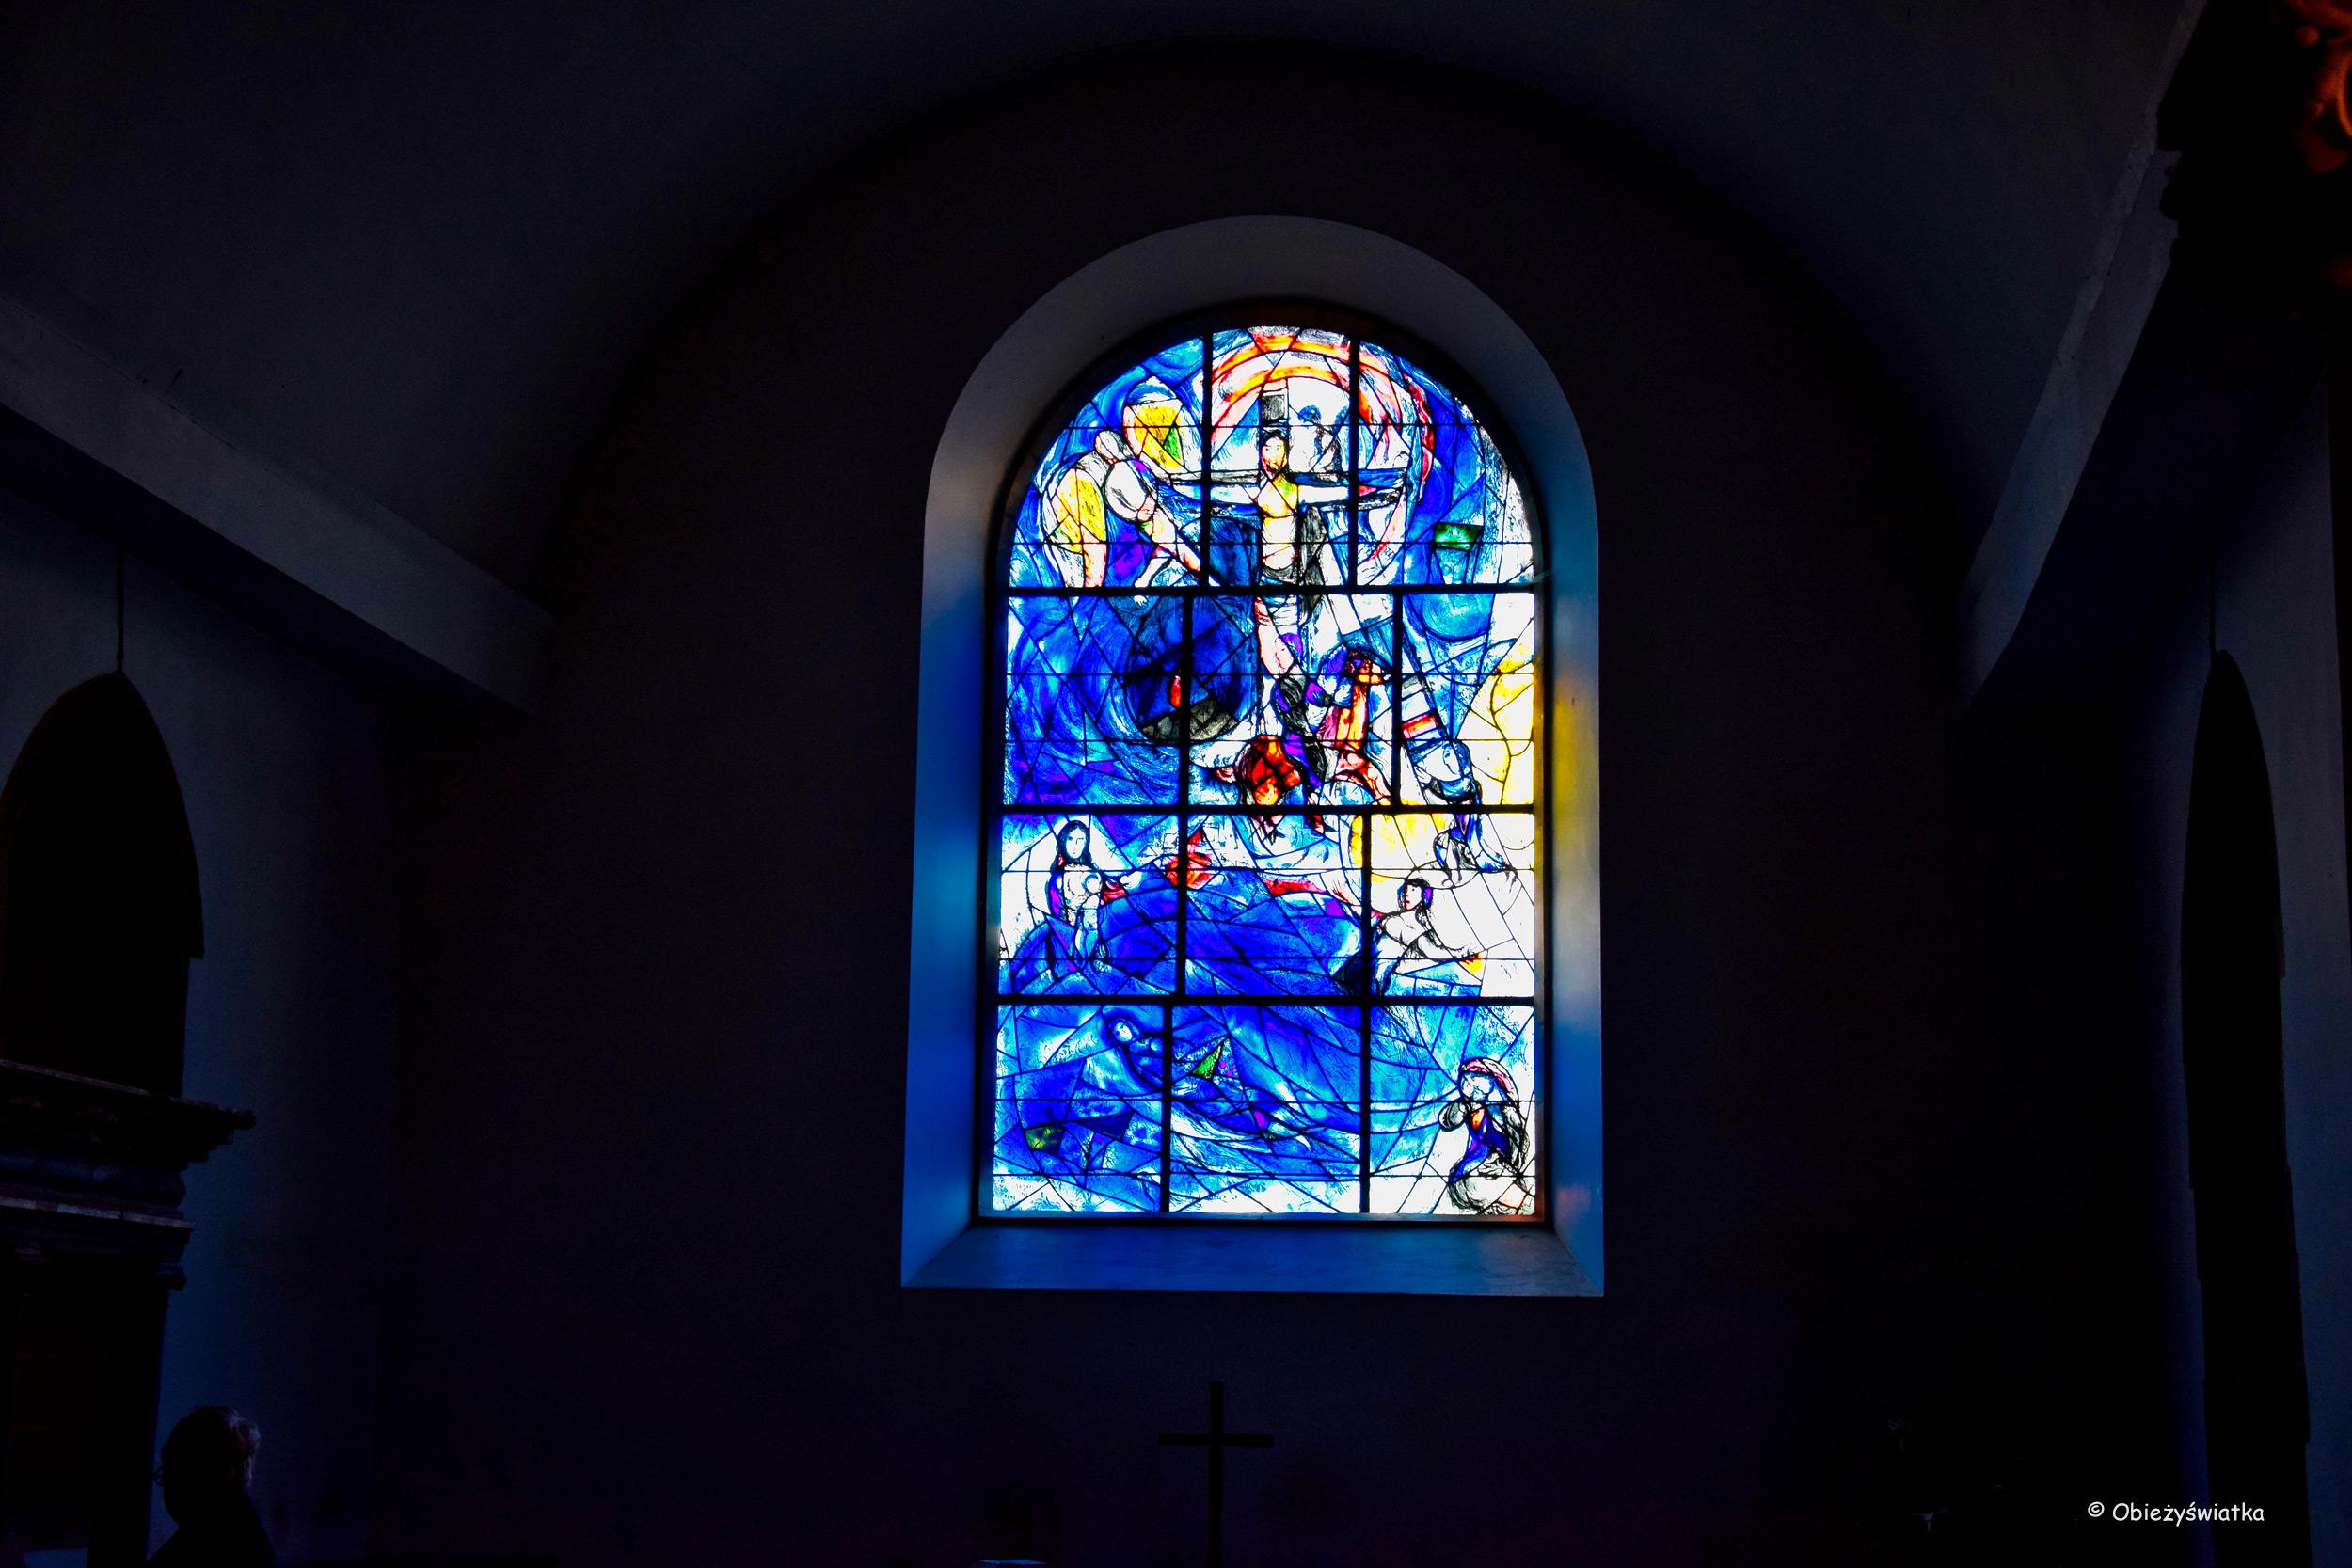 Główny witraż Marca Chagalla w oknie wschodnim, Tudeley, Wielka Brytania